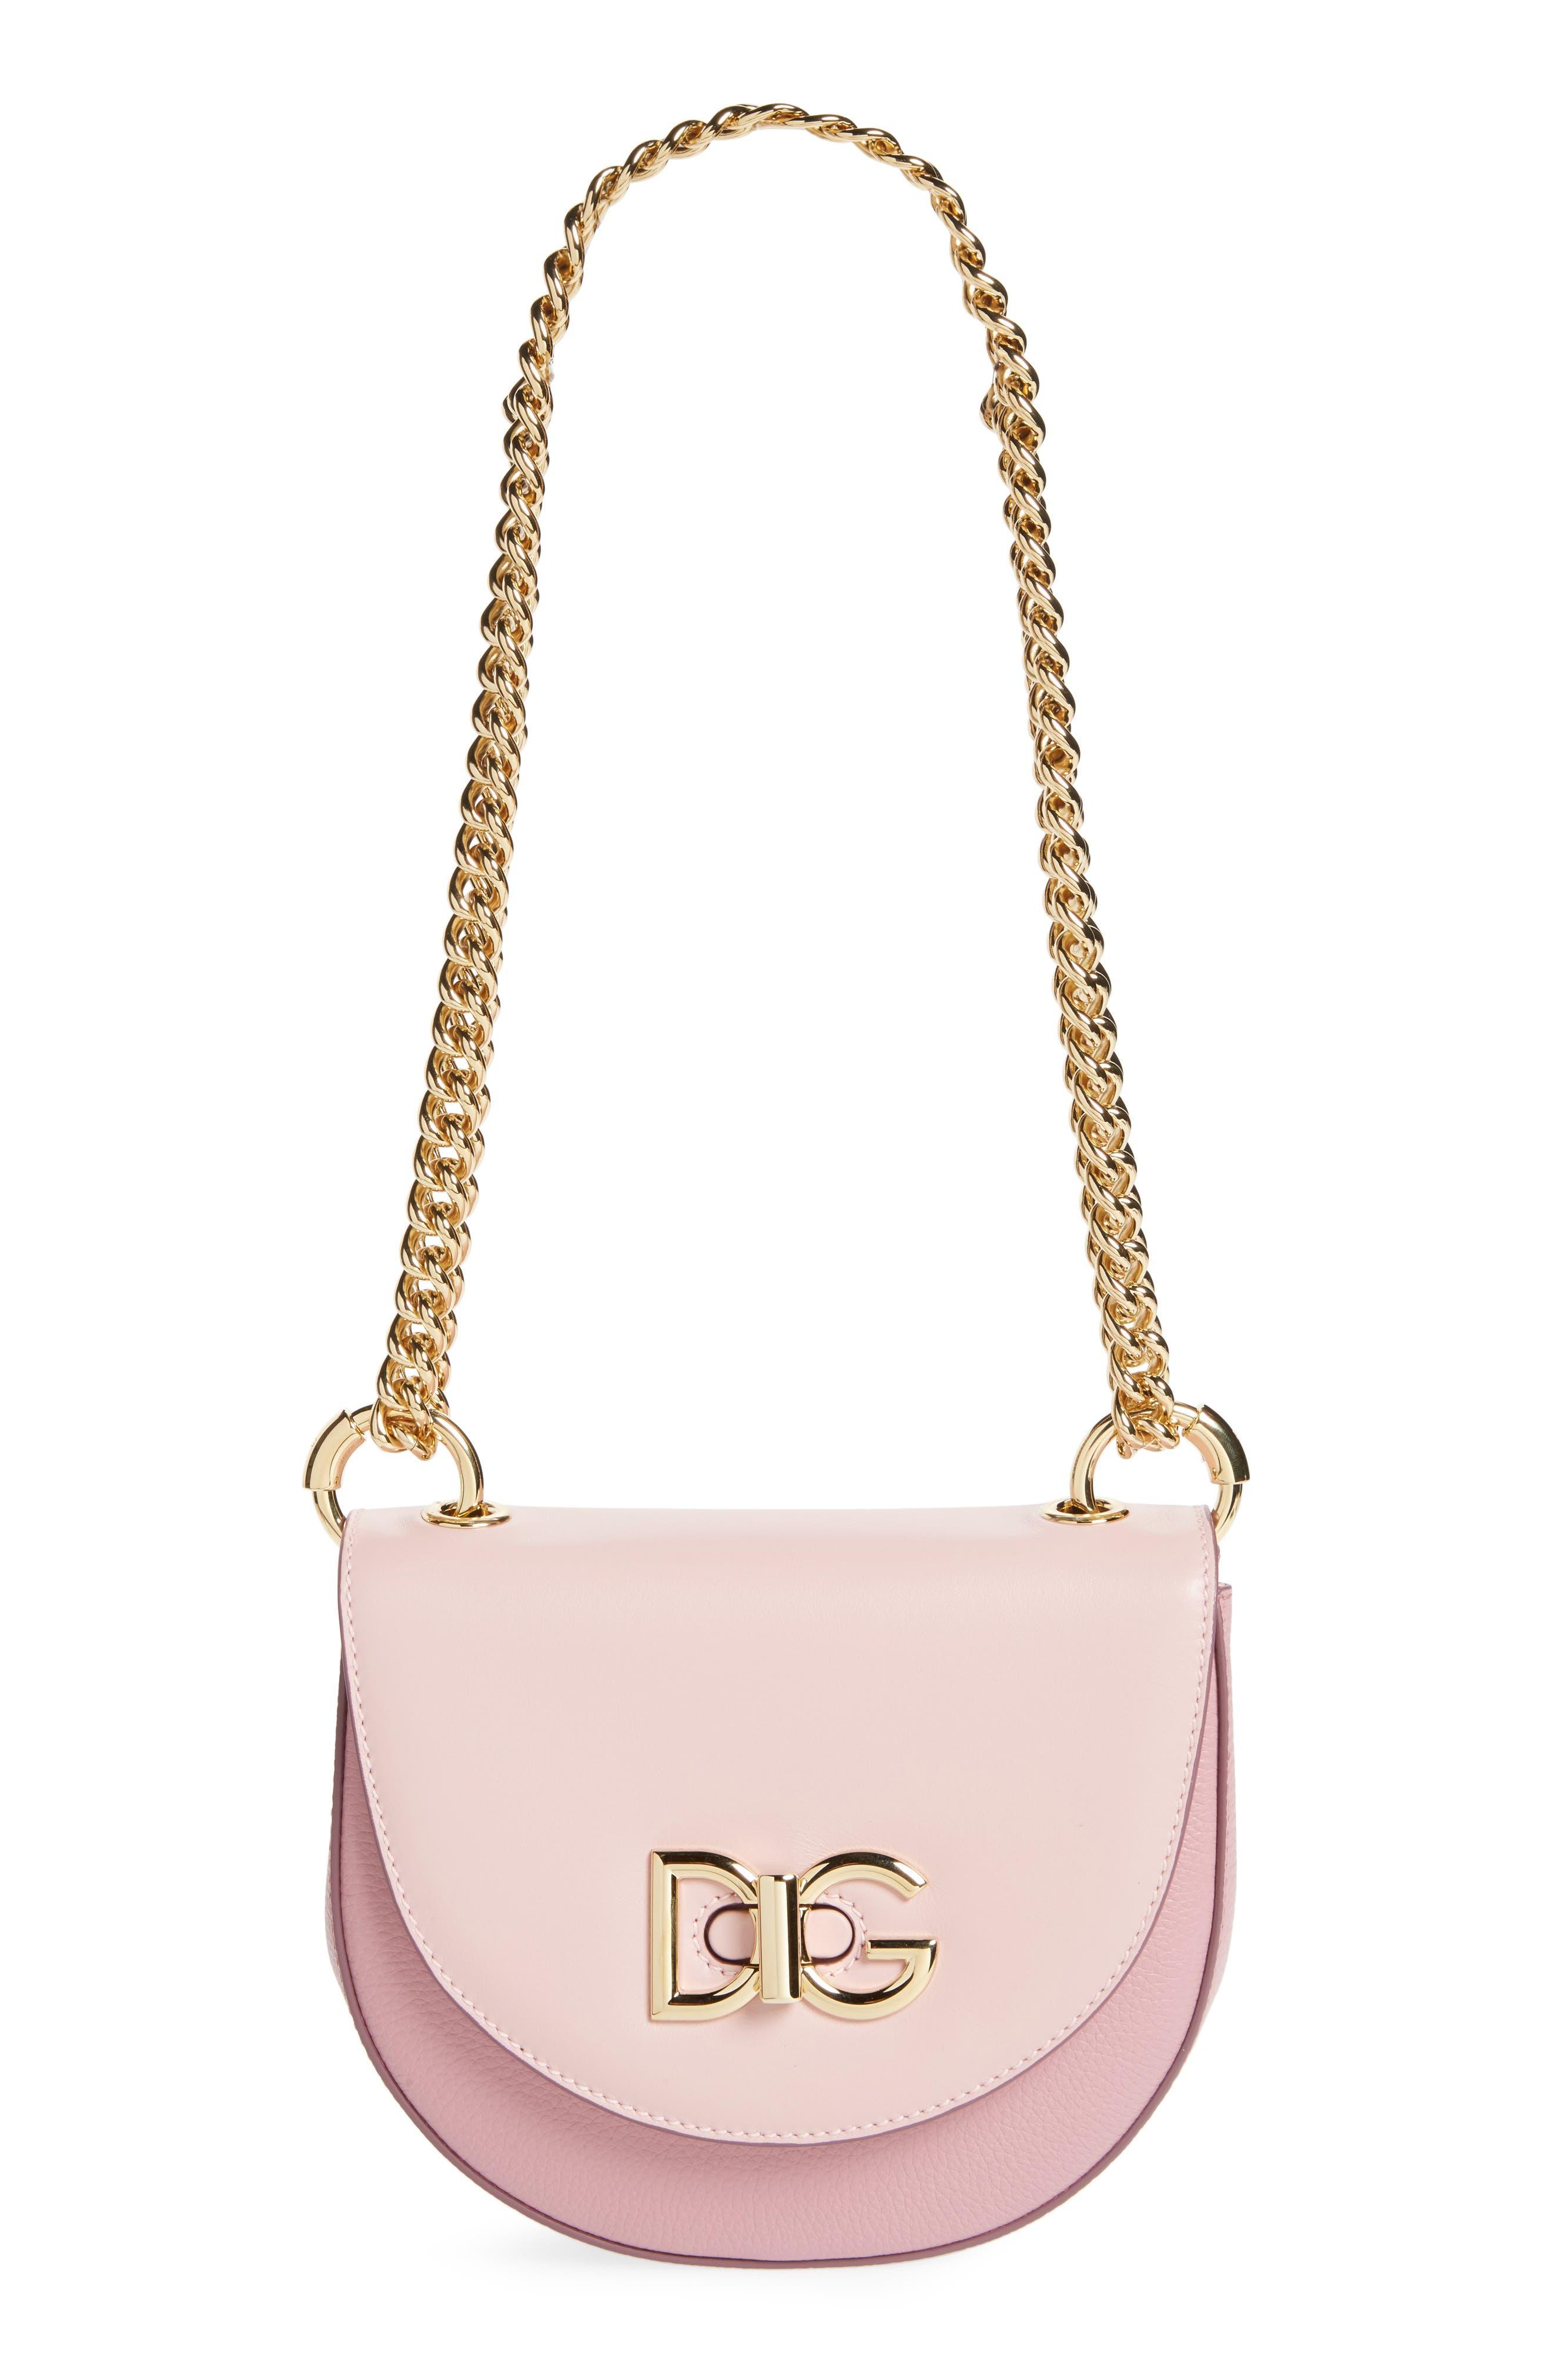 Dolce&Gabbana Wifi Leather Shoulder Bag